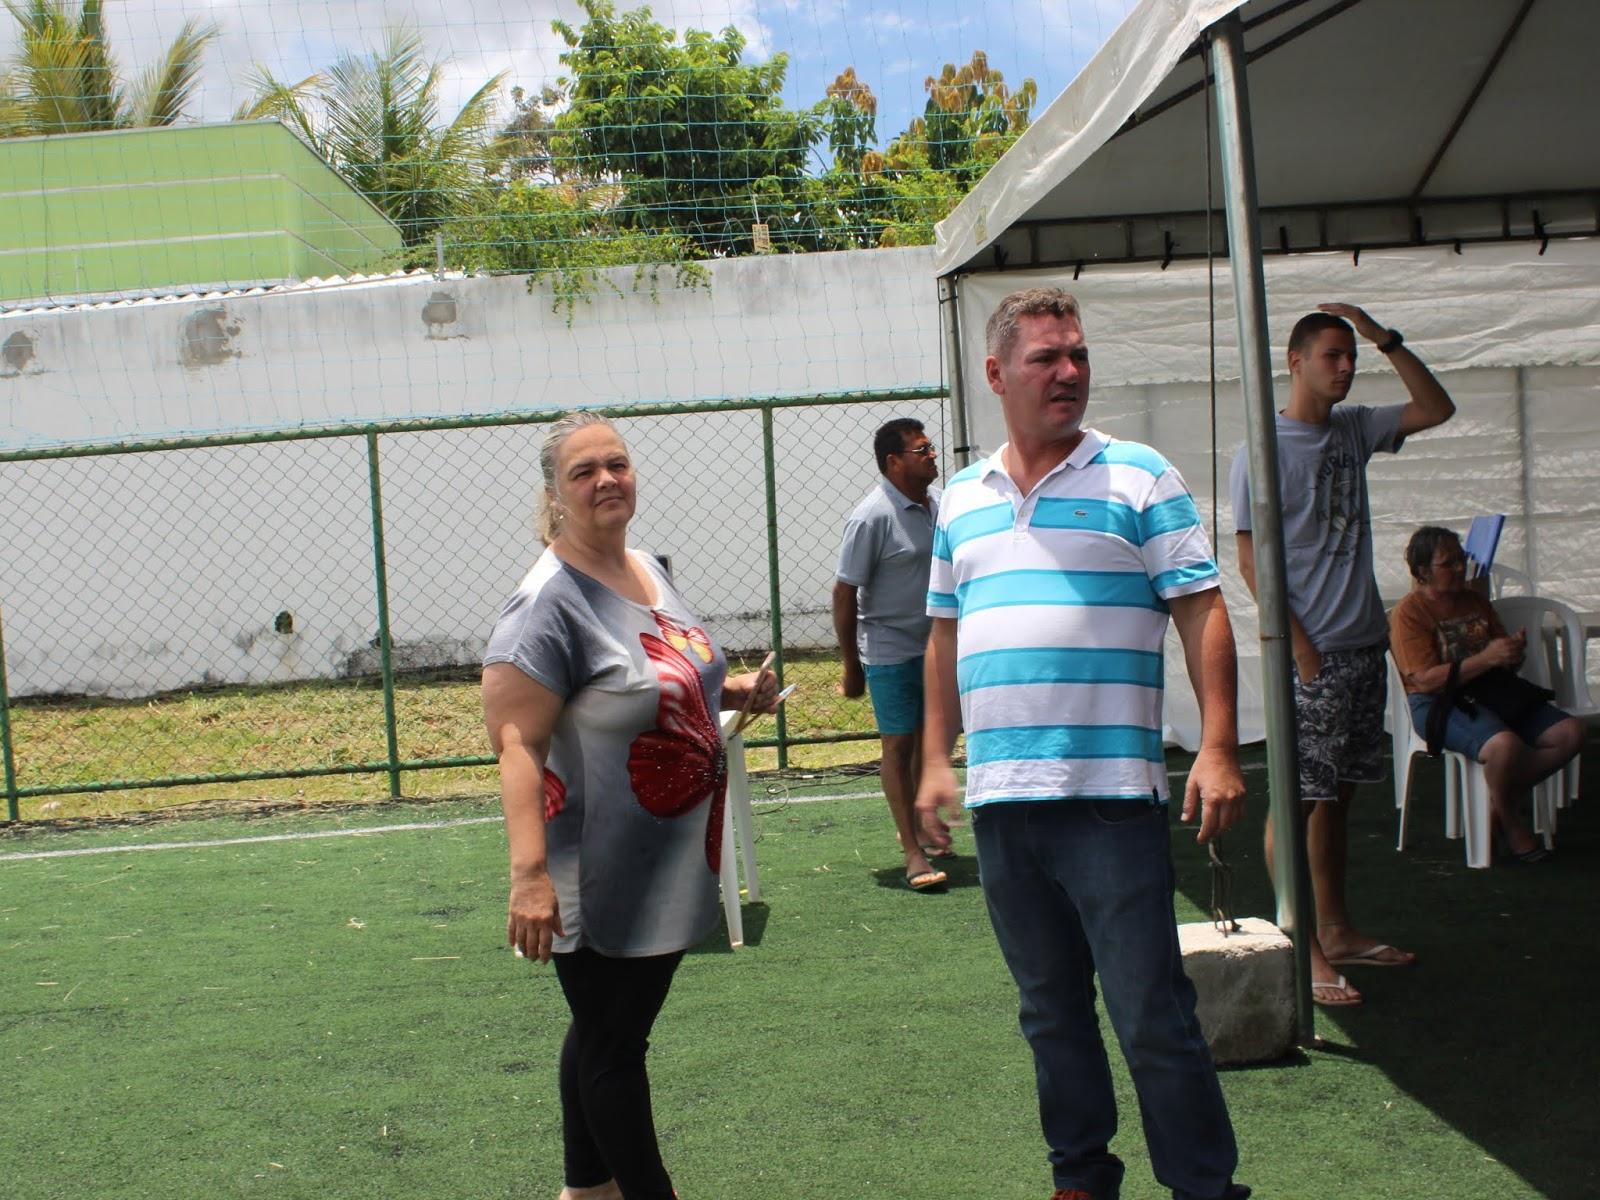 IMG 2830 - Novo administrador do Paranoá, Sergio Damasceno, começa seu primeiro dia de trabalho no Domingo ouvindo a comunidade local.